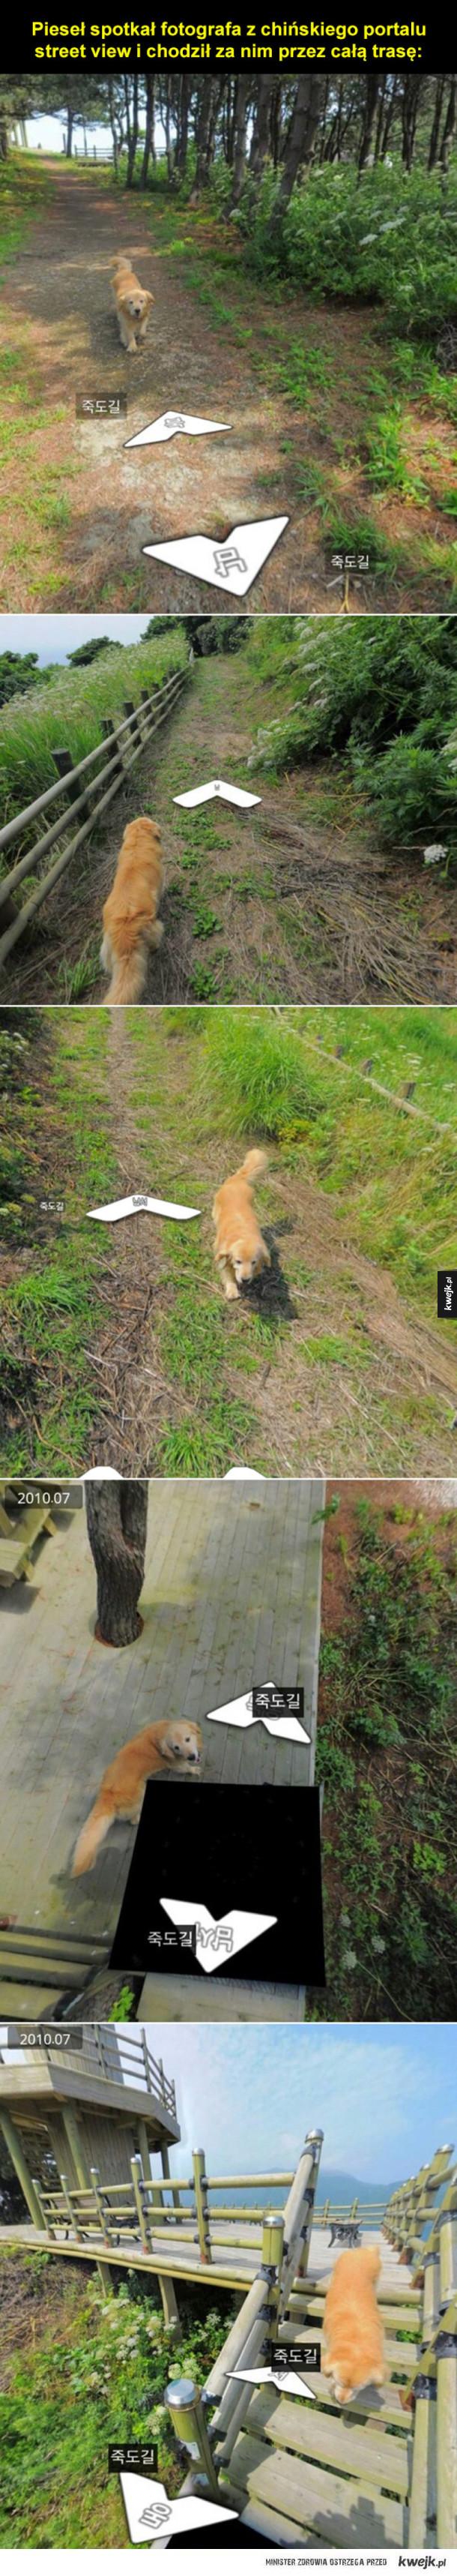 Pies wędrowiec